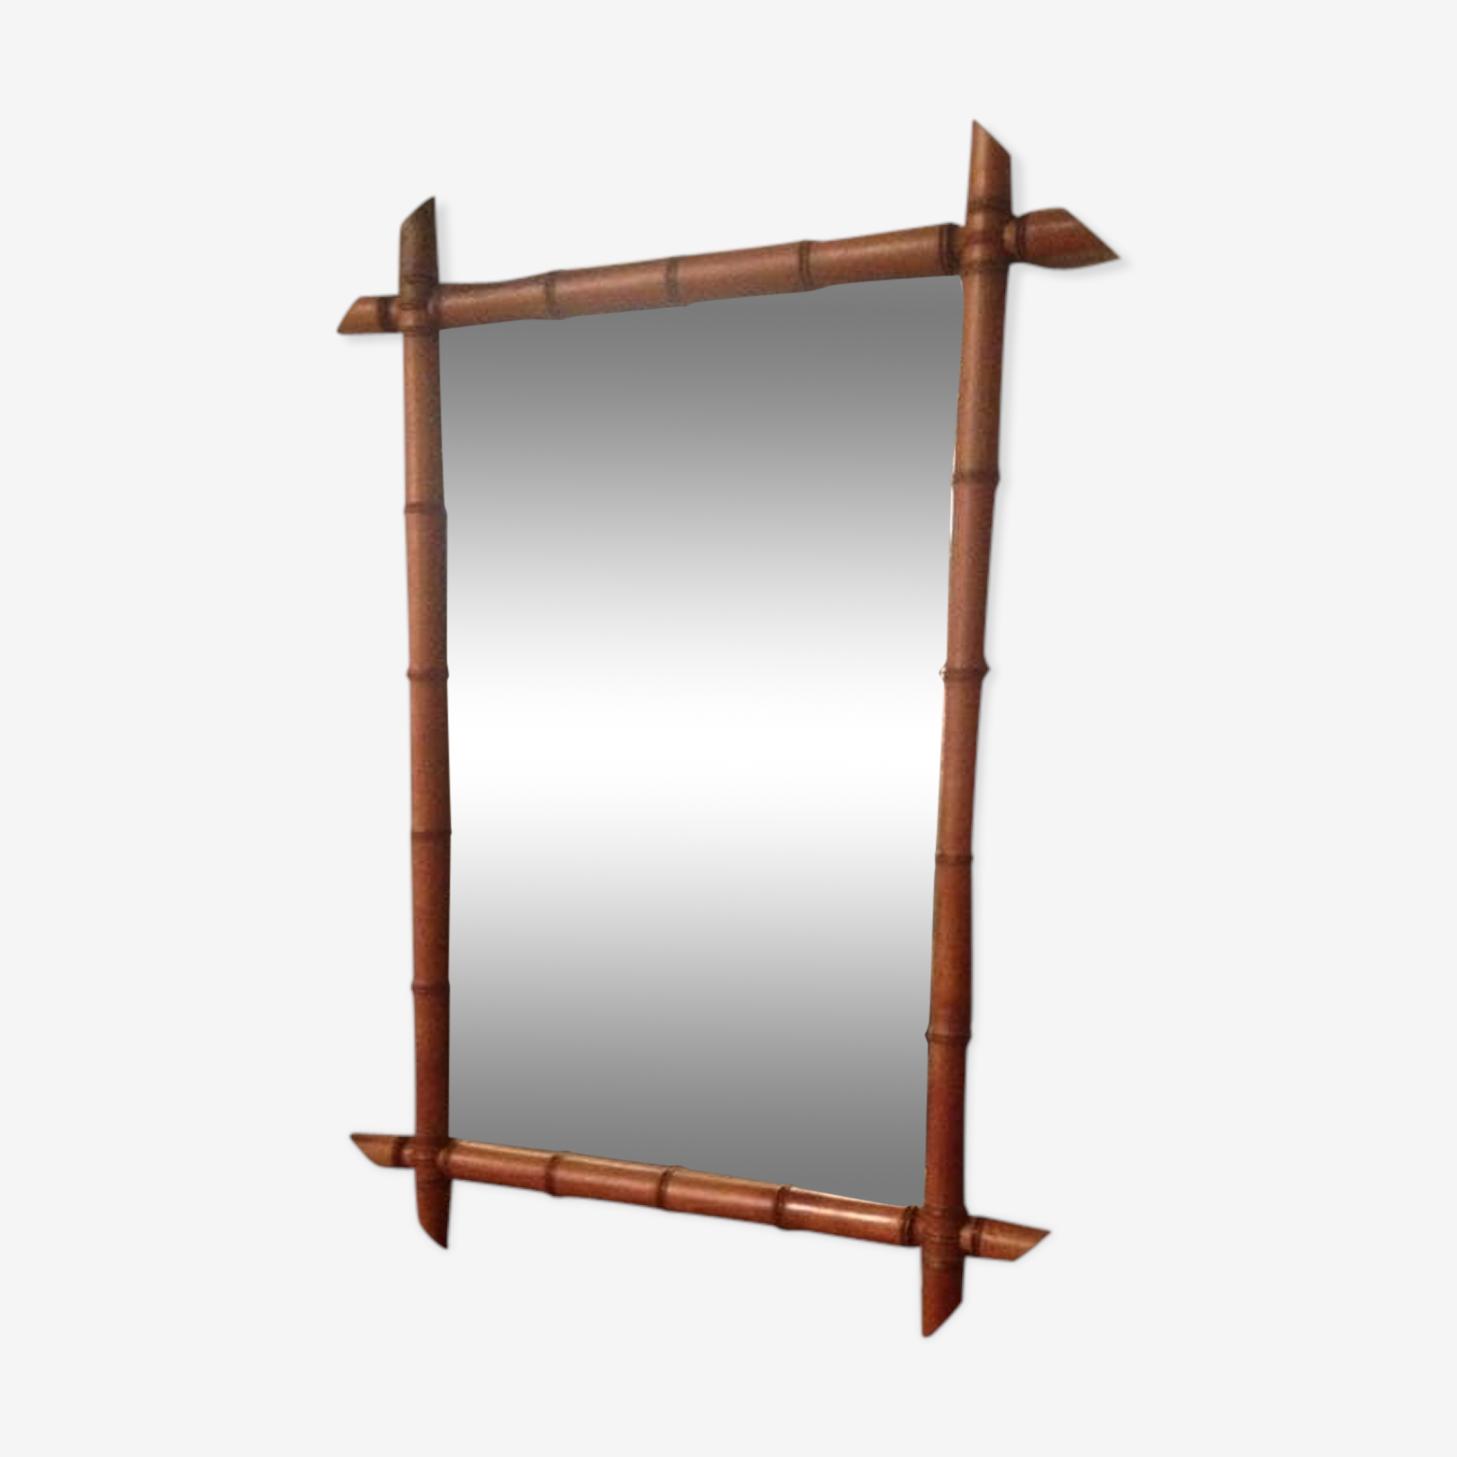 Miroir bambou 67x91cm